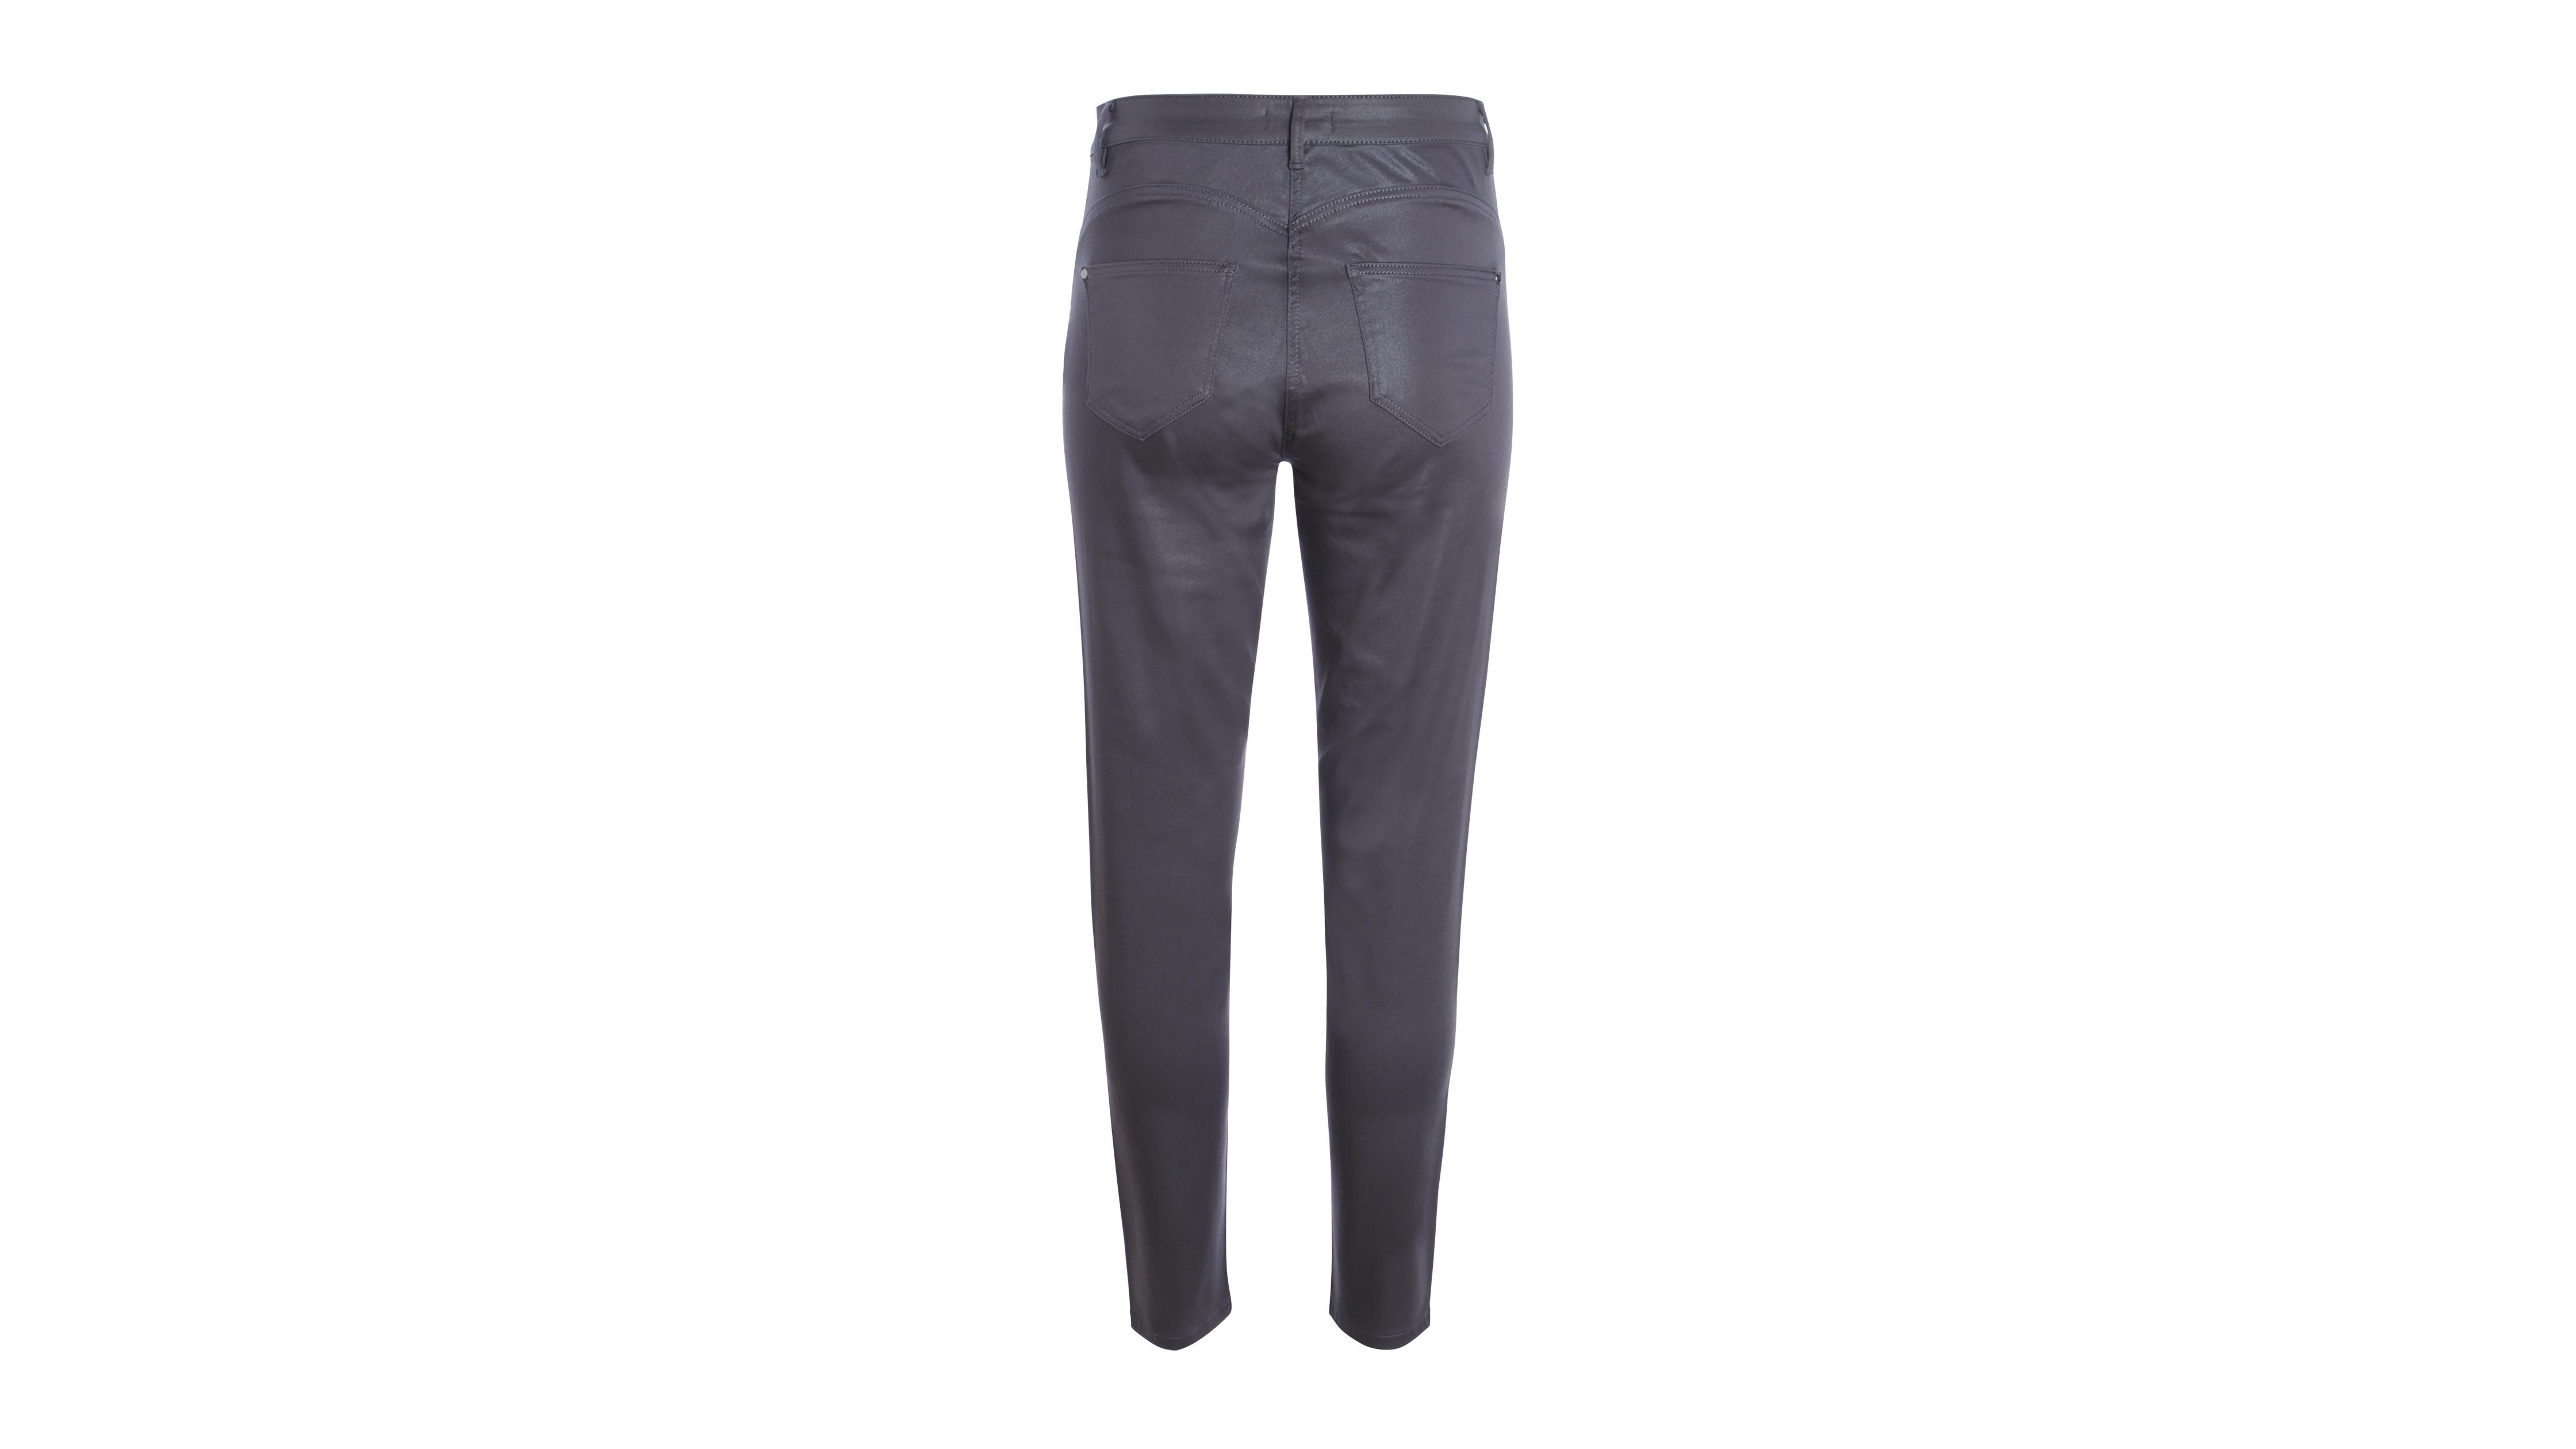 432b499eaf57b Pantalon taille standard ajusté enduit gris foncé femme | Vib's